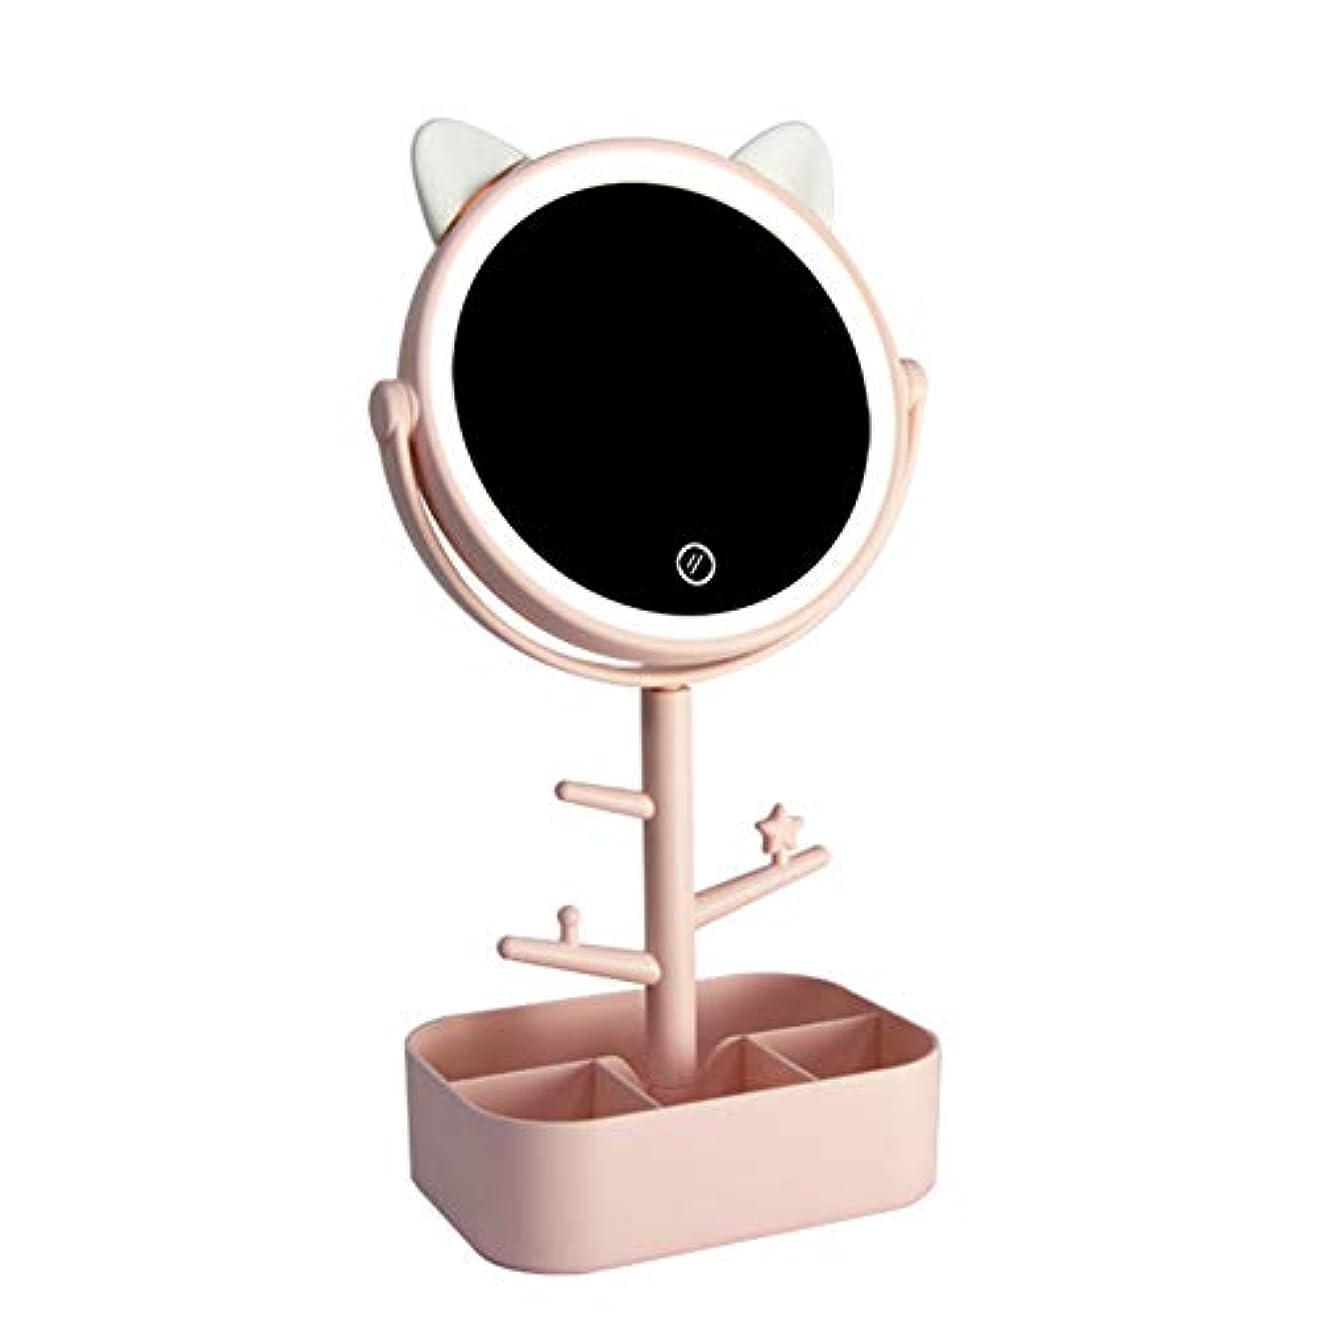 コーンウォール阻害するギャラリーOutpicker LED化粧鏡 USB女優ミラー 卓上ミラー ライト付きミラー 角度調整可 スタンドミラー メイク かがみ化粧道具 円型 可収納 USB給電 (猫ーピンク)